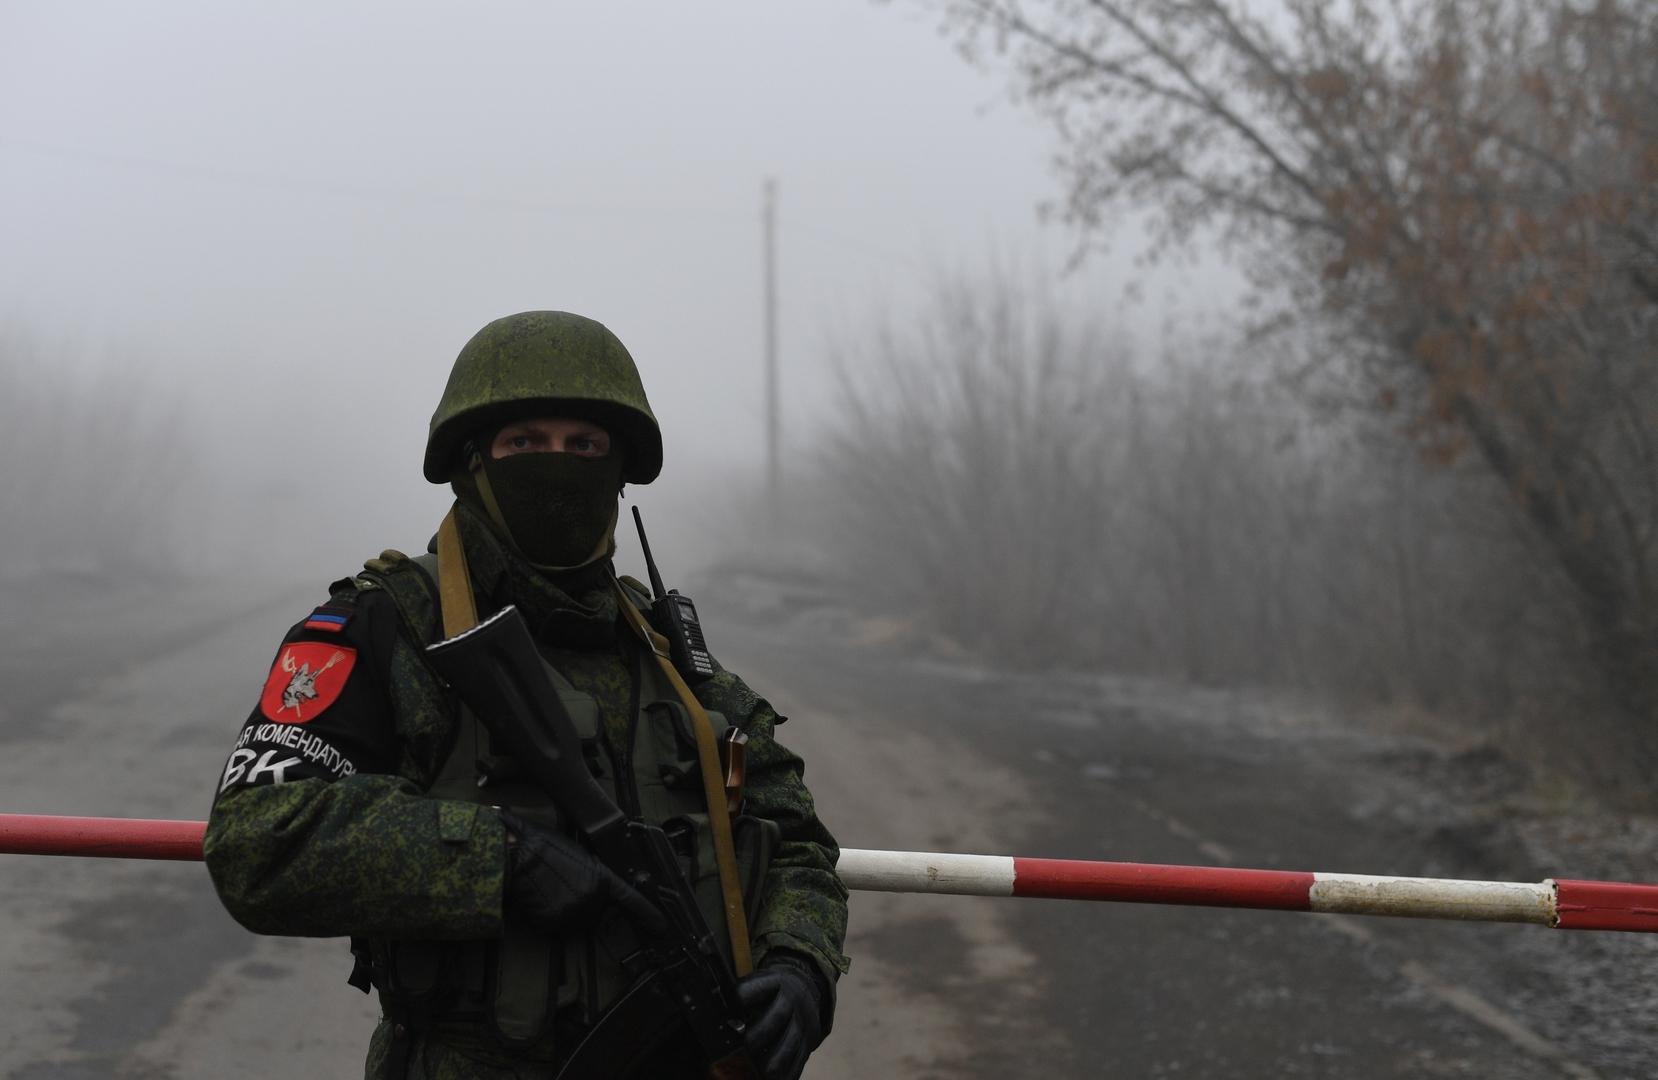 دونيتسك ولوغانسك تعتزمان تسليم مجموعة من المحتجزين إلى كييف